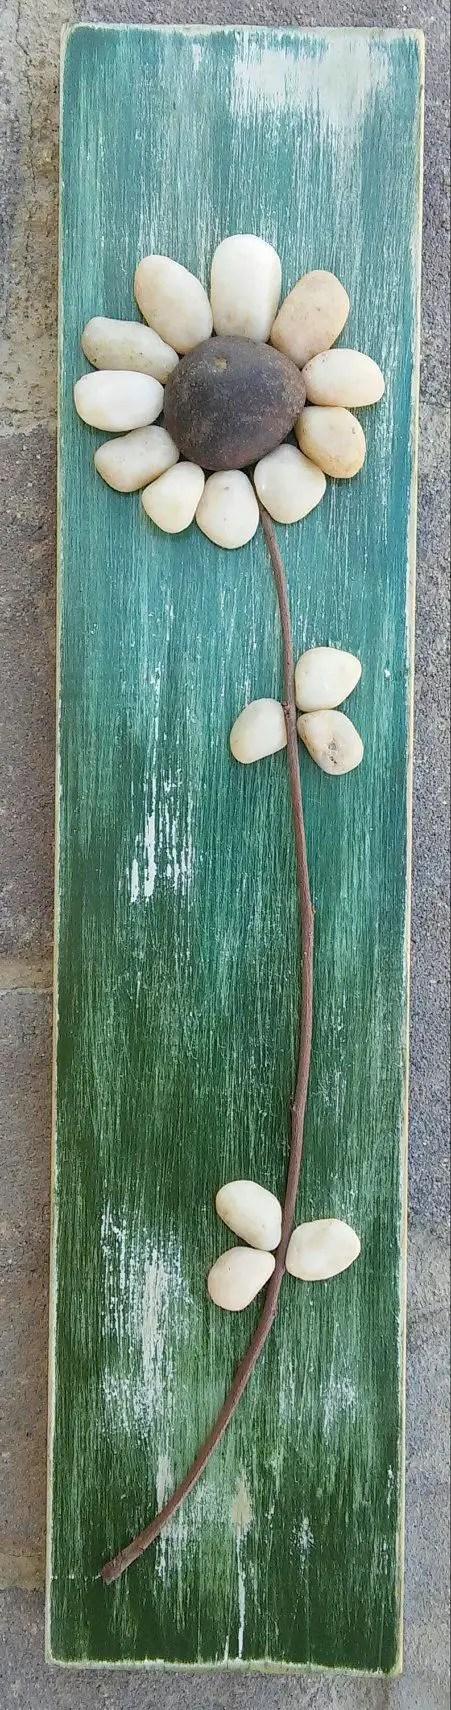 amenajarea gradinii cu pietris Pebble garden decoration ideas 5